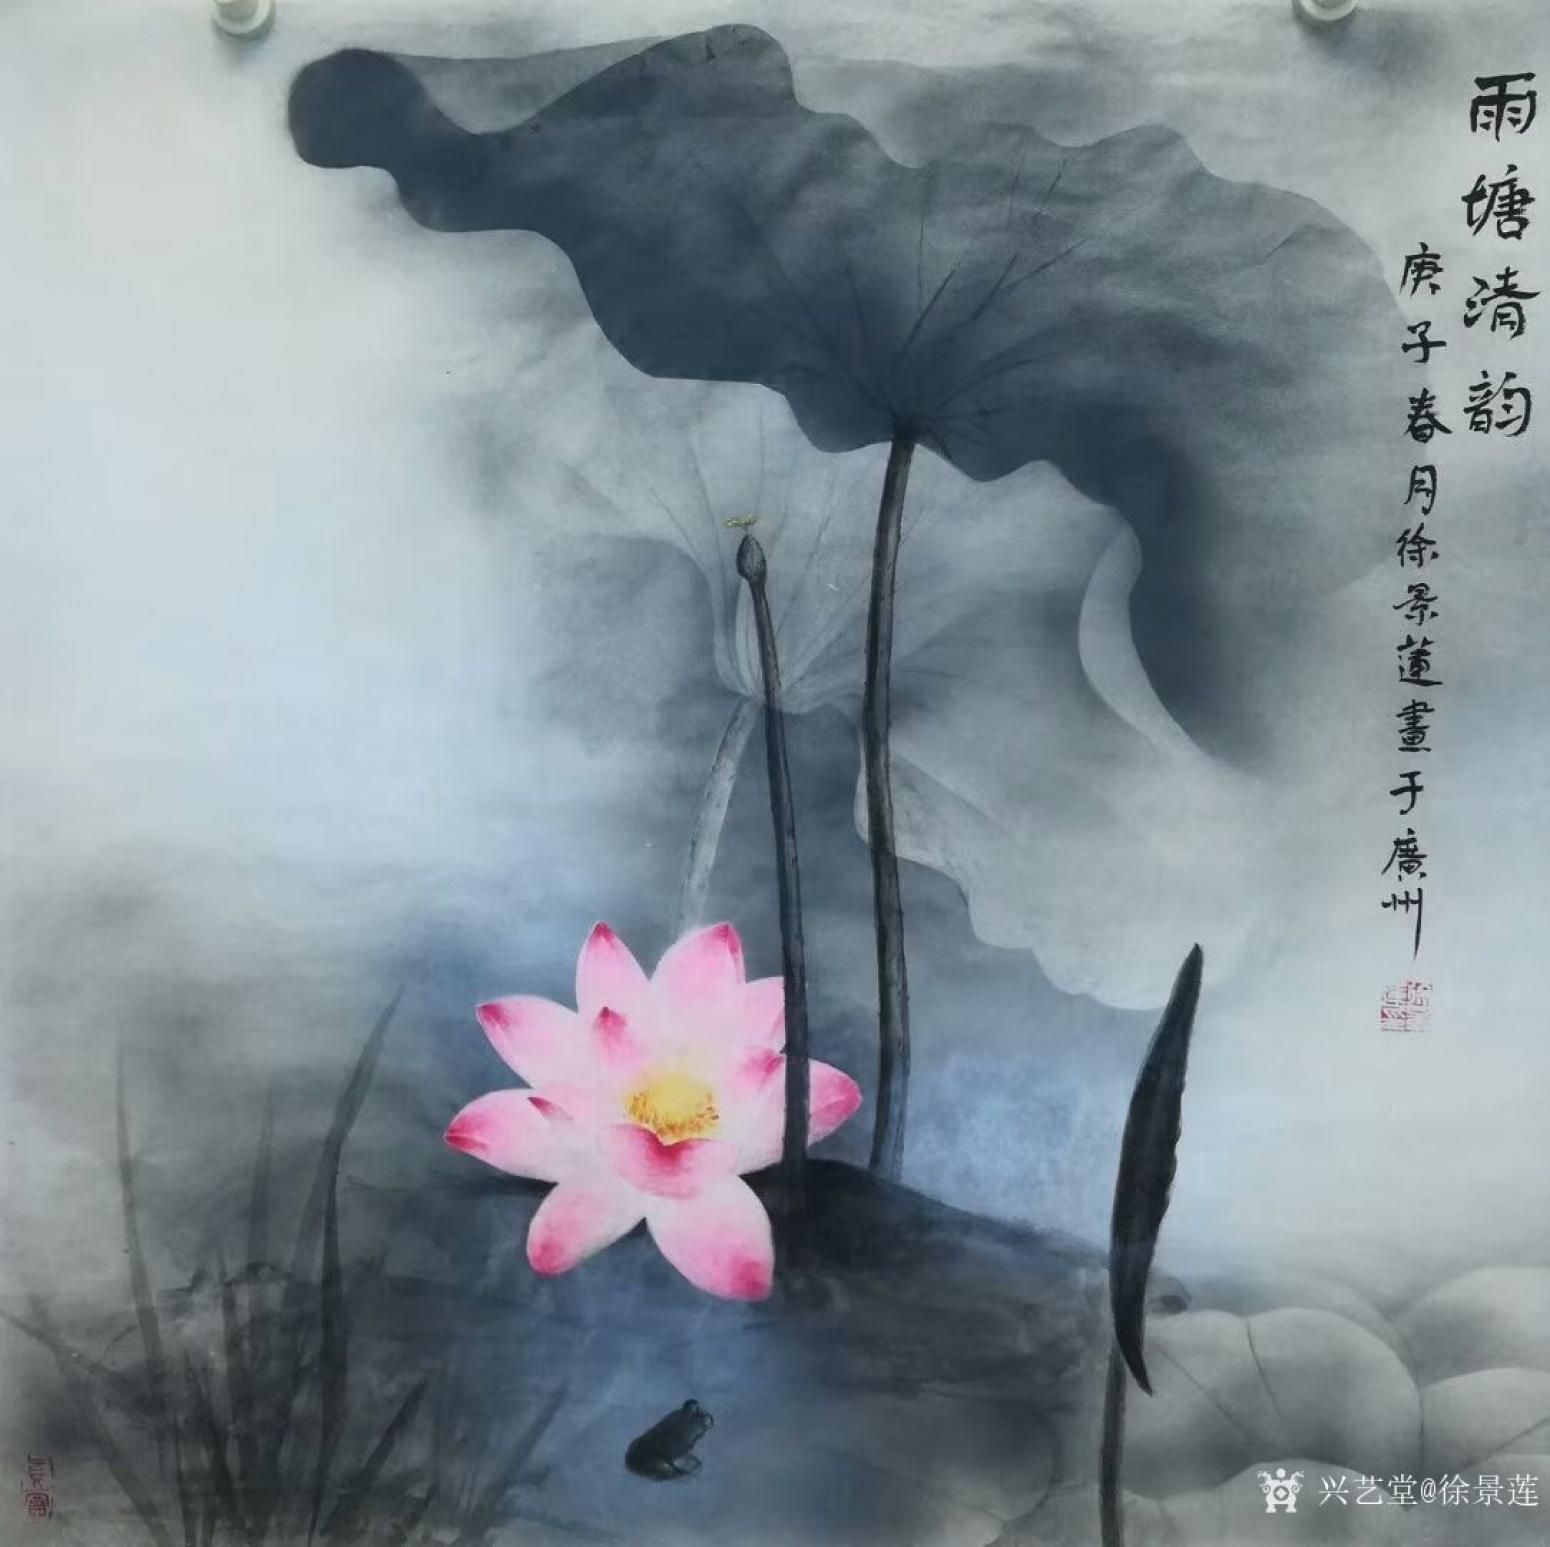 徐景莲国画作品《水墨荷花-雨塘清韵》【图0】